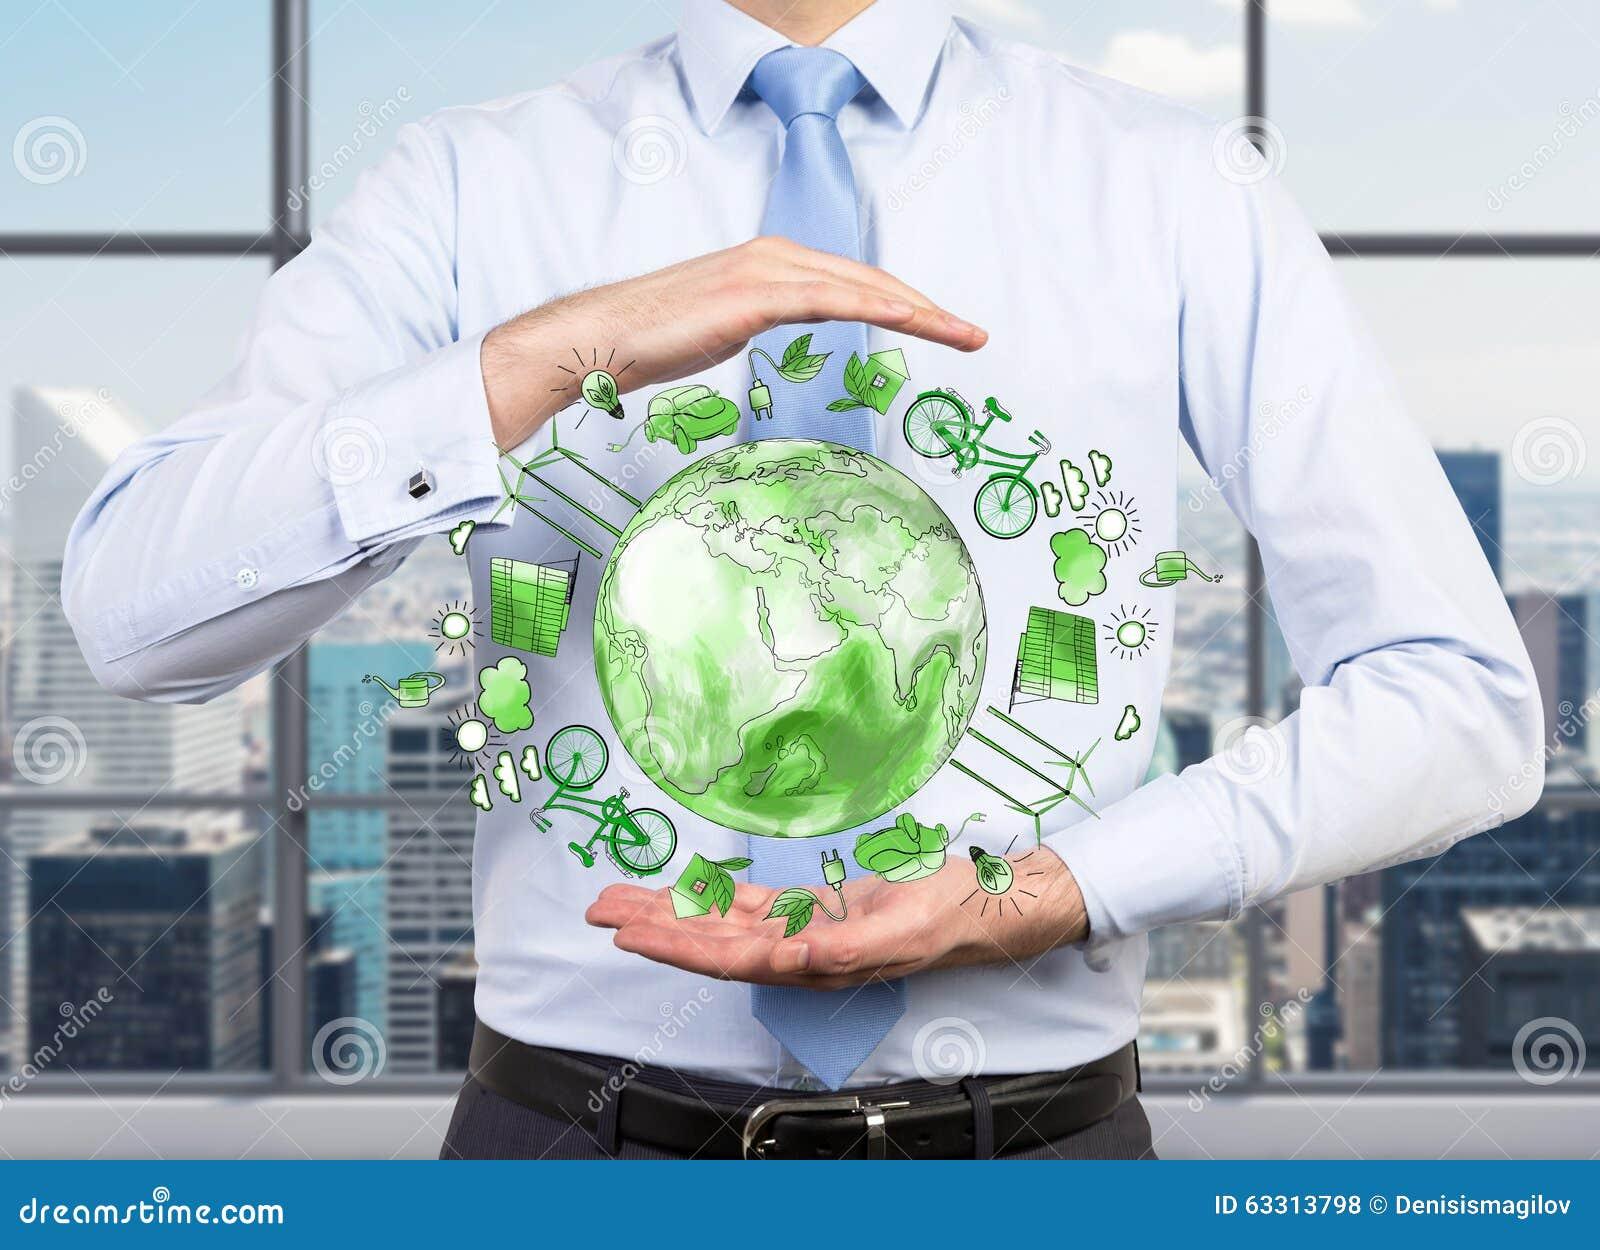 Obsługuje czułość o czystym środowisku, eco energia, ochrona